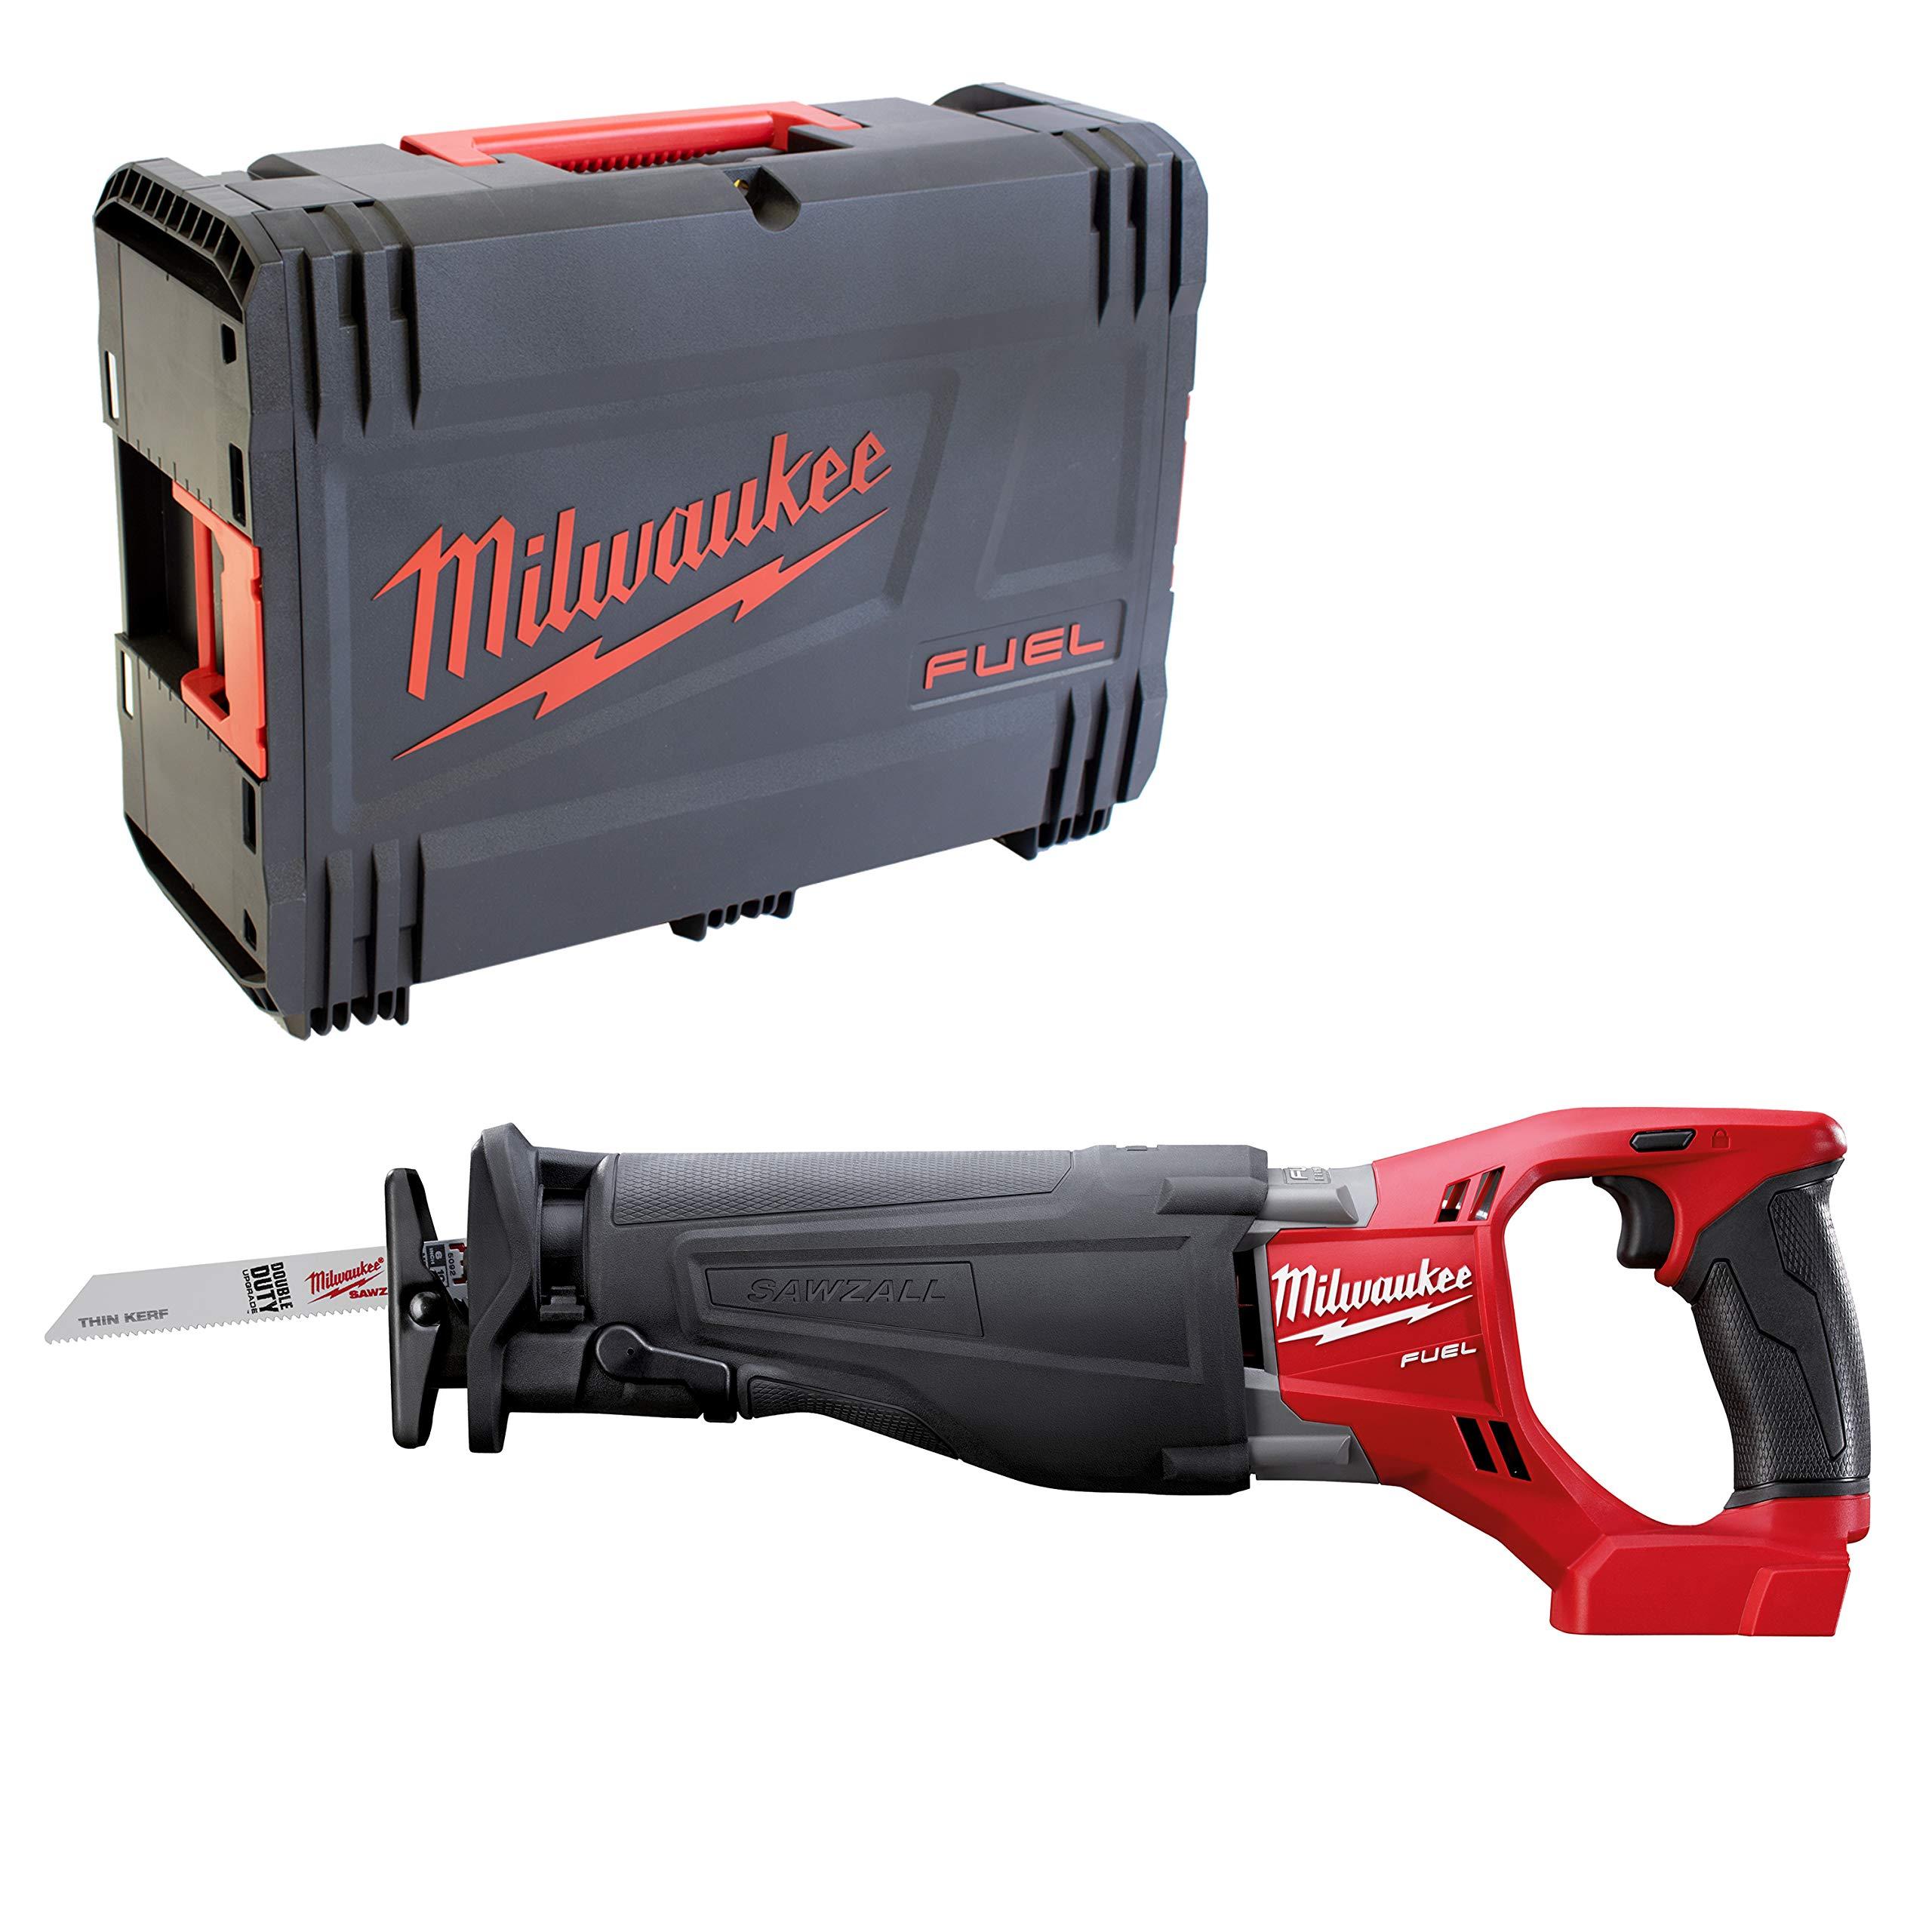 Milwaukee-4933451428-Akku-Elektrowerkzeuge–Der-Sable-m18csx-0-Instrument-Solist-in-HD-Box-Red-Black